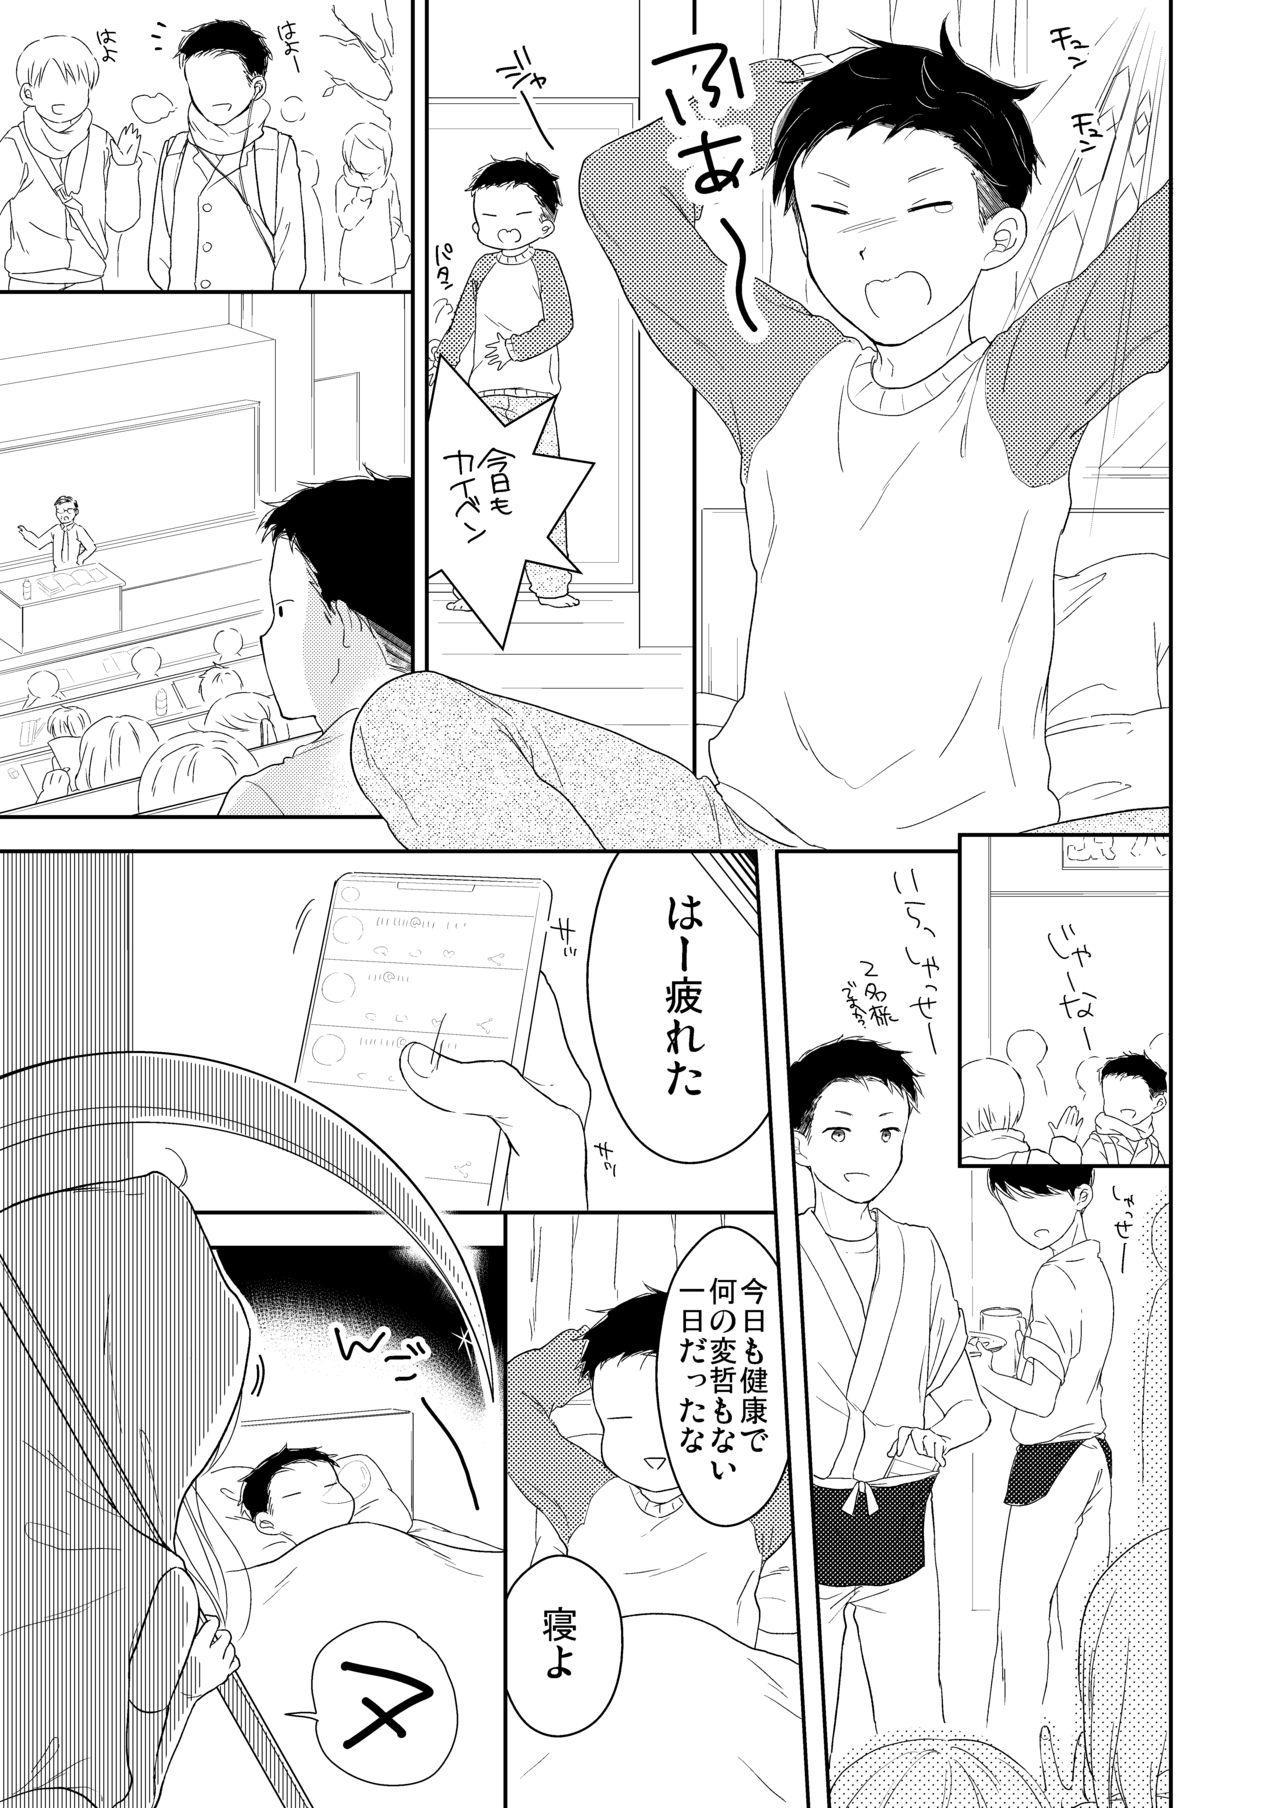 Shinigami wa Otokonoko!? 1